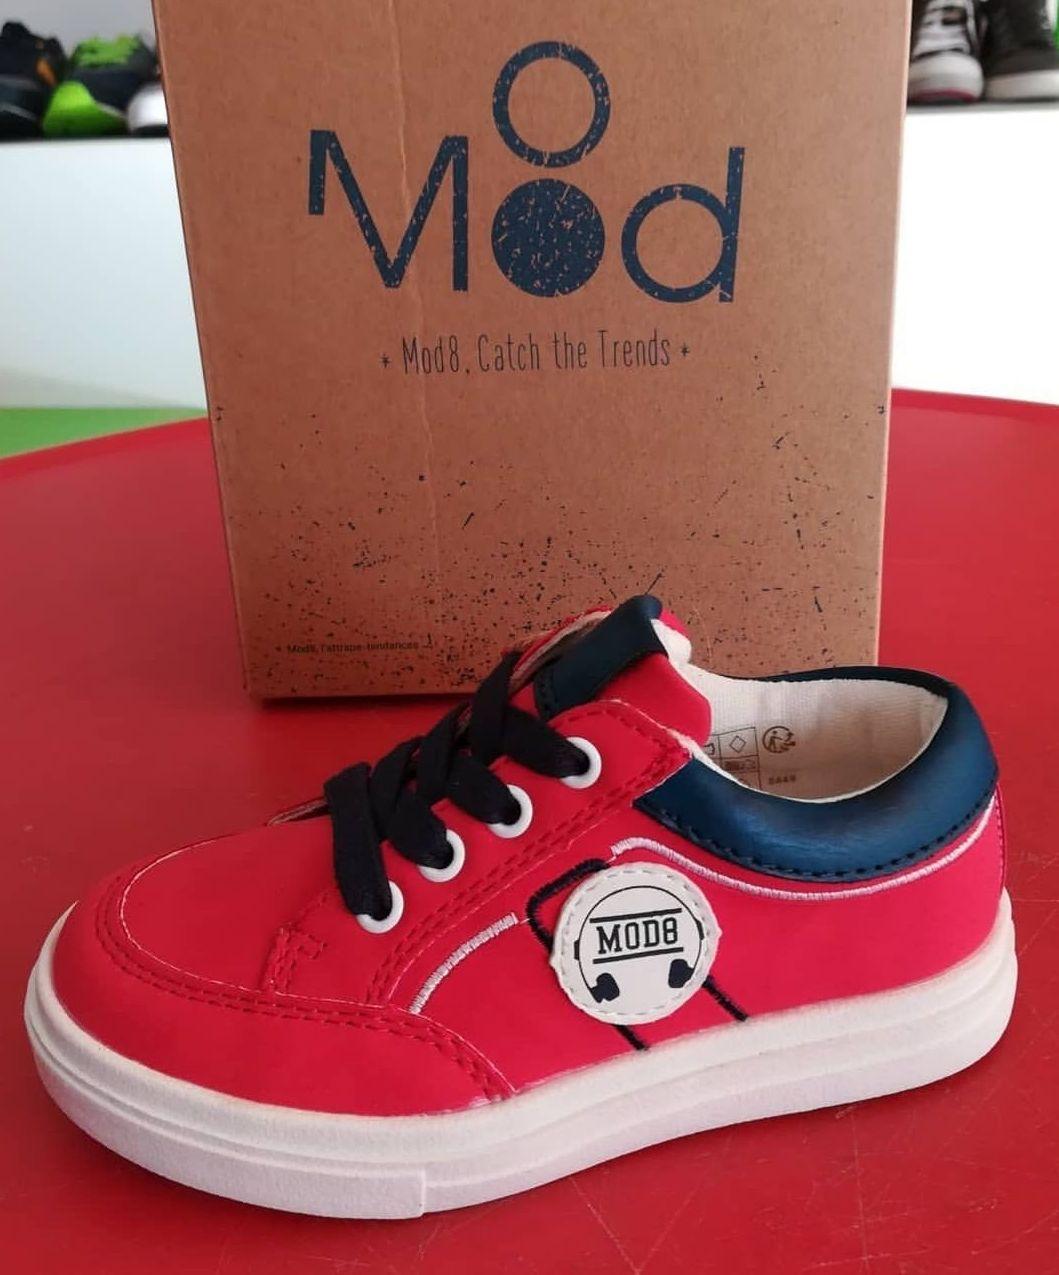 Zapatillas en azúl y rojo. Nueva temporada Mod8. Calzado infantil